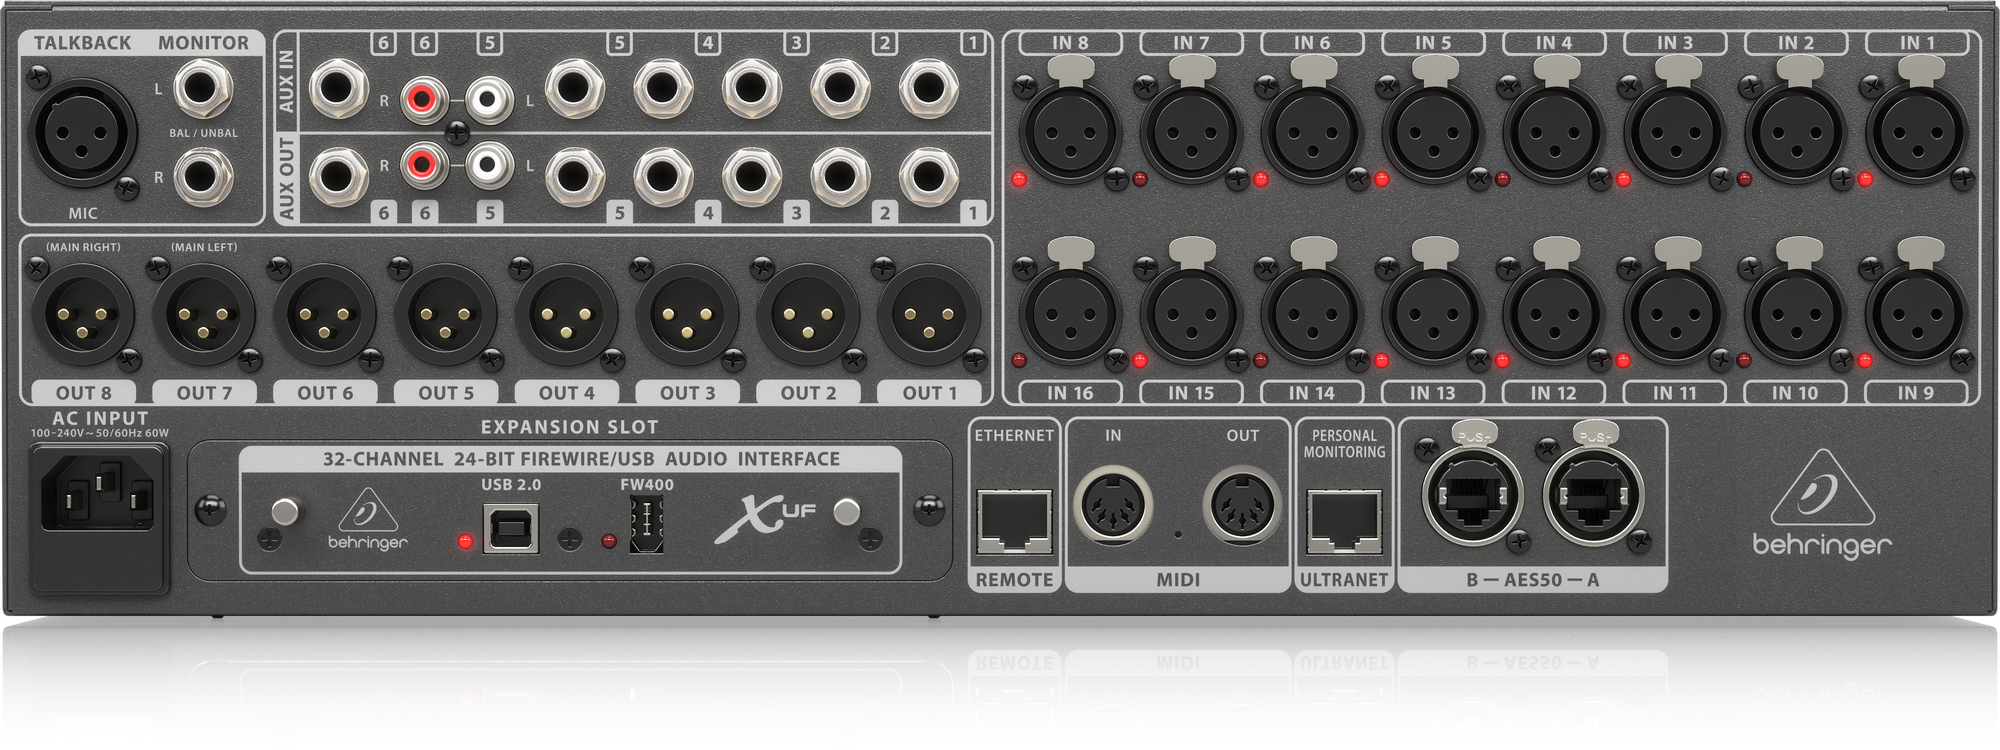 Behringer X32 RACK - Digital Mixers